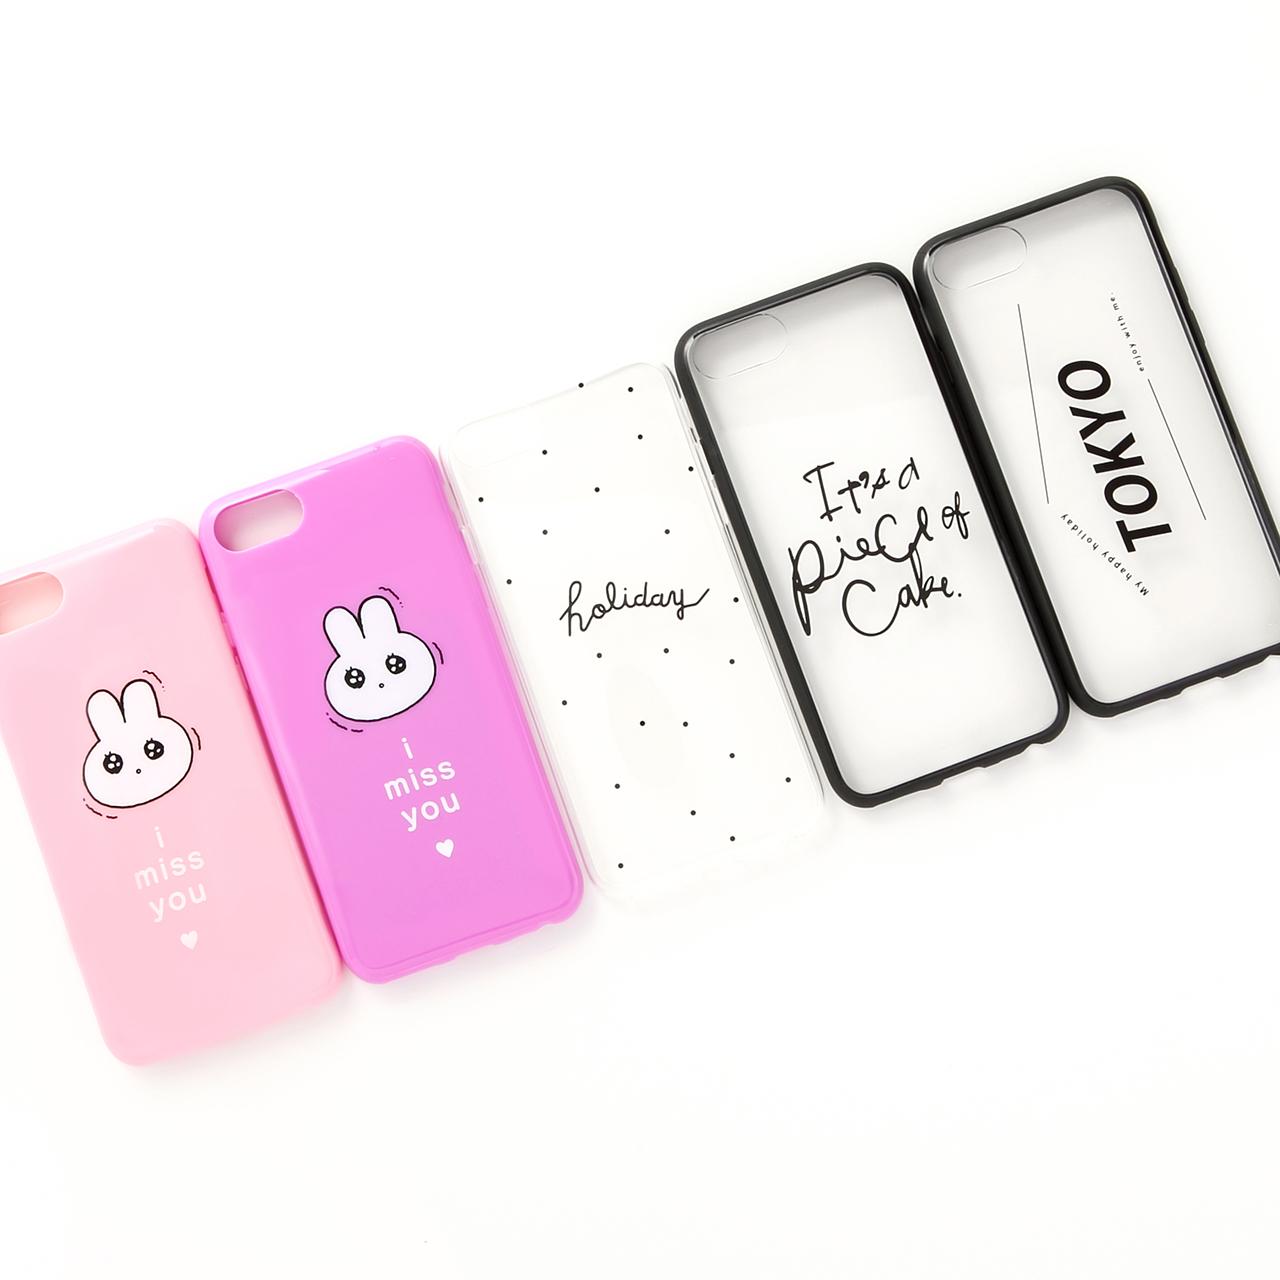 iPhone用ケース(6/6S/7/8)ウサギ、Holiday各100円ピースオブケイク、TOKYO 各150円